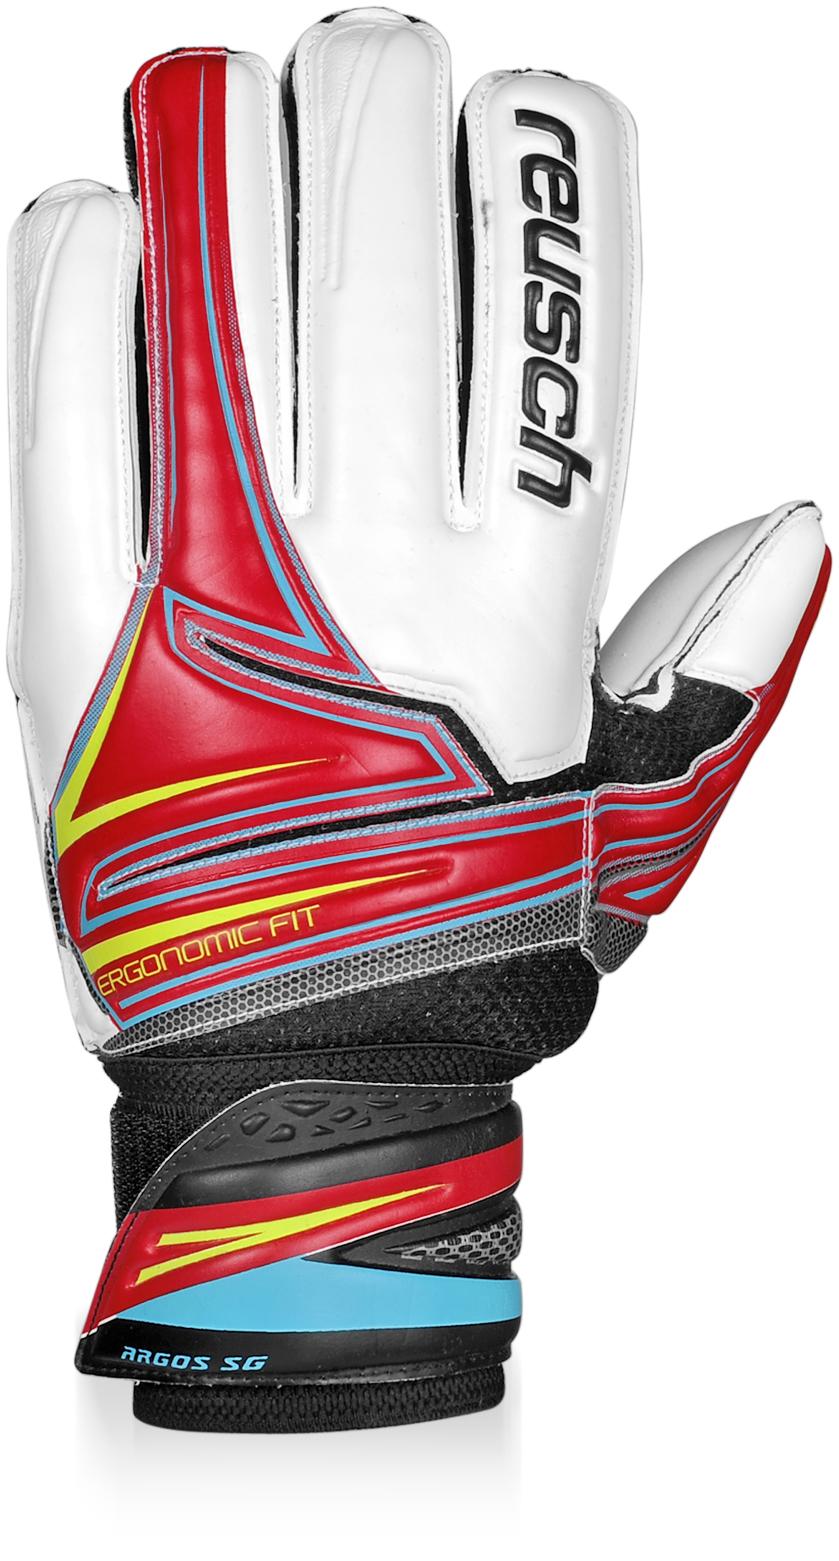 Reusch Argos Sg Finger Support Goalkeeper Gloves (red)